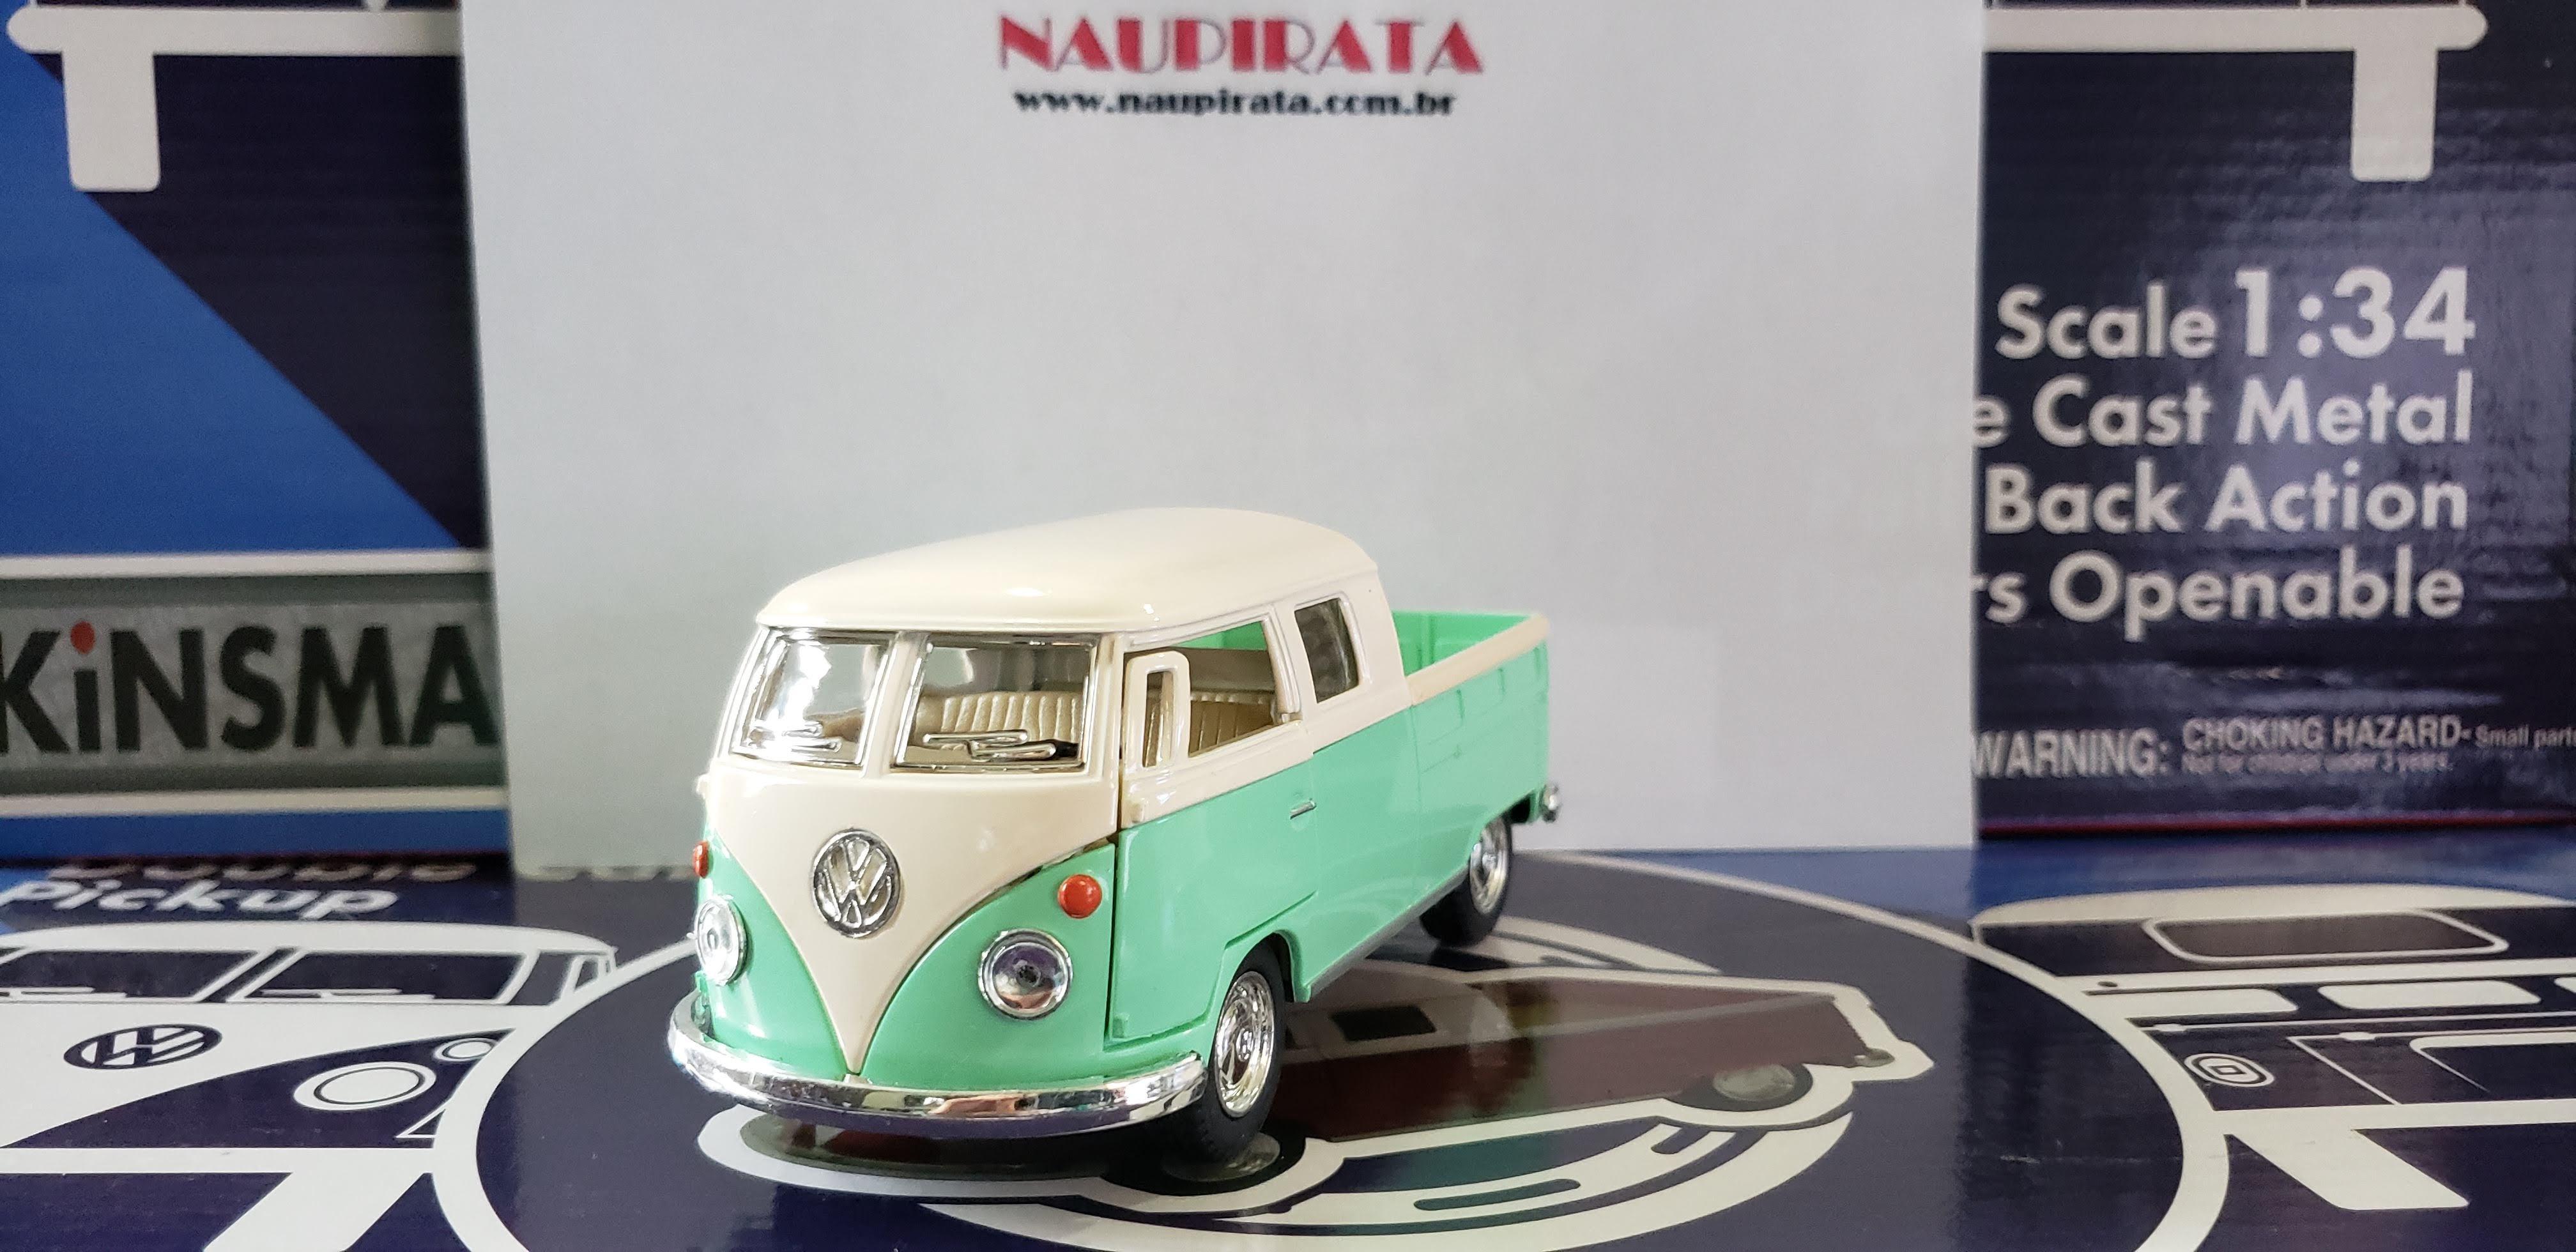 VW Kombi 1963 Pickup Cabine Dupla Candy Color Verde Kinsmart 1:34